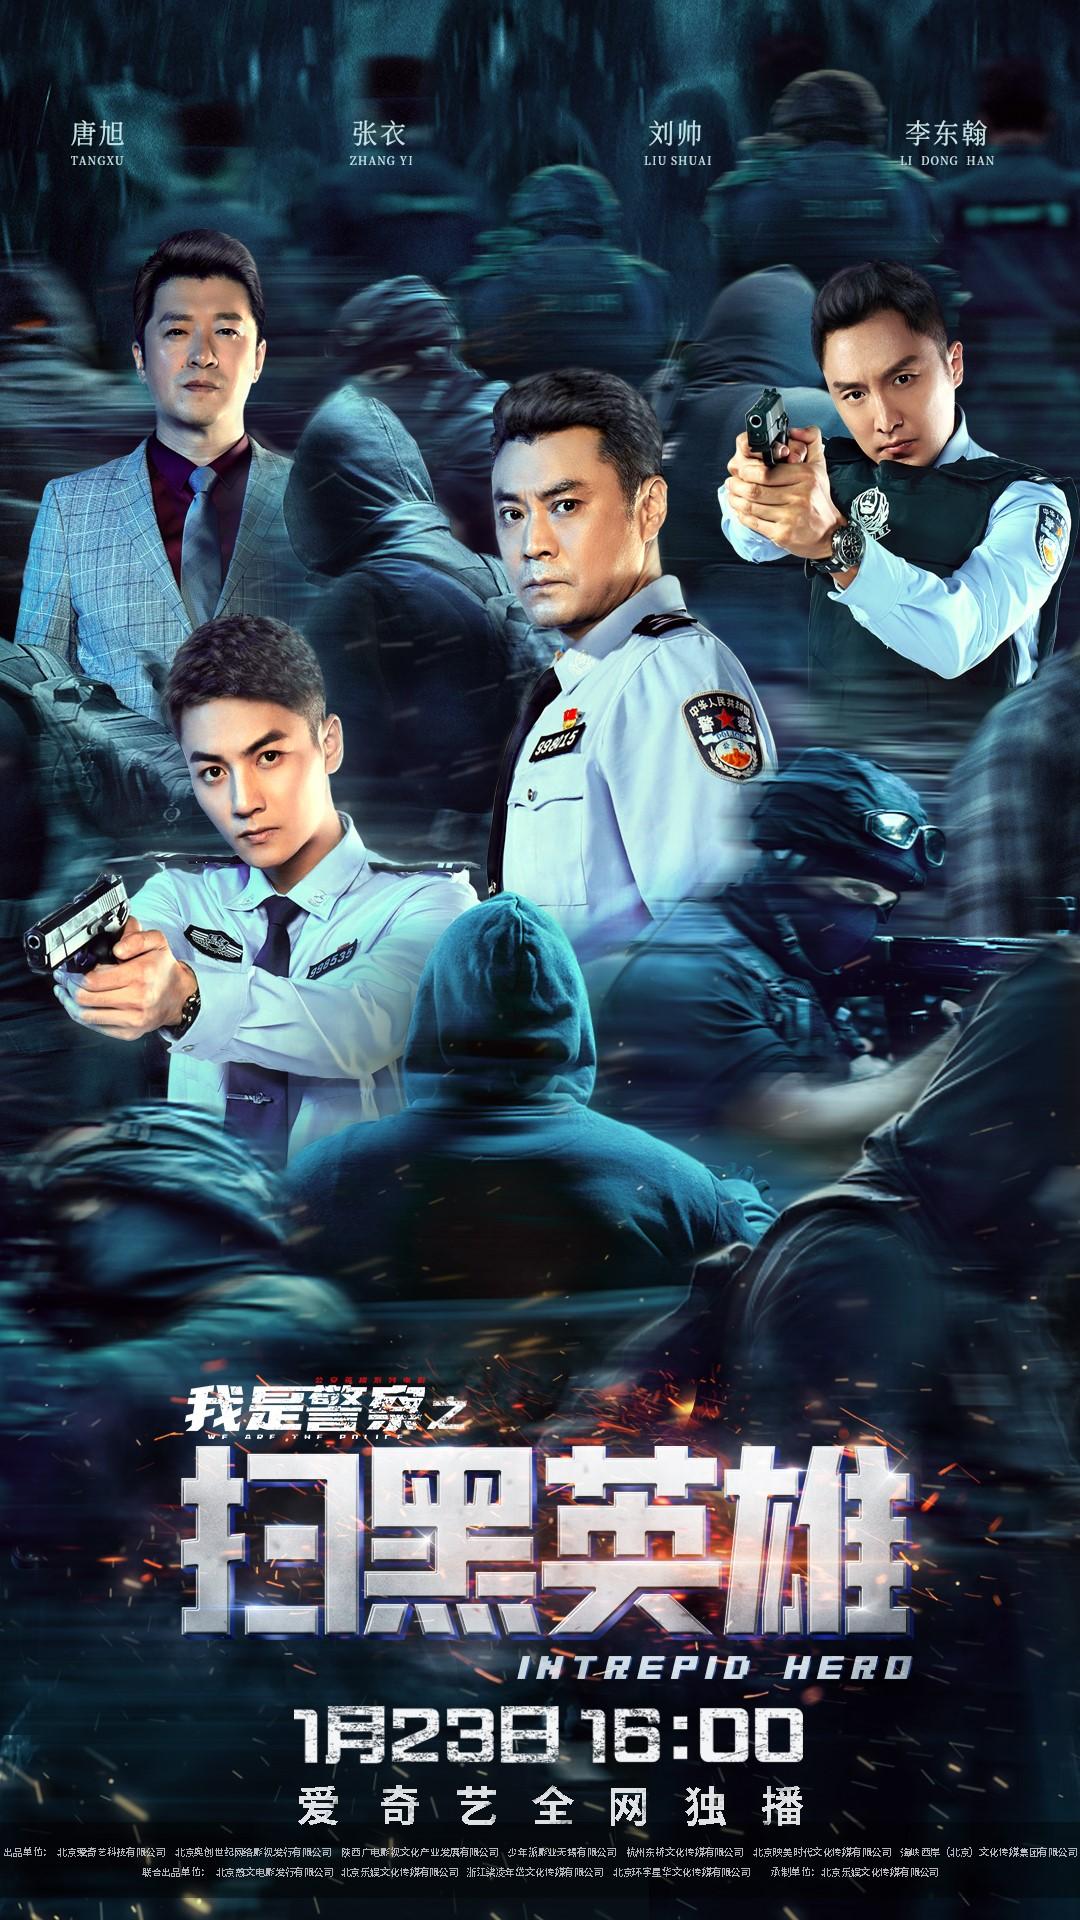 电影《扫黑英雄》定档1月23日迅雷下载1080p.BD中英双字幕高清下载